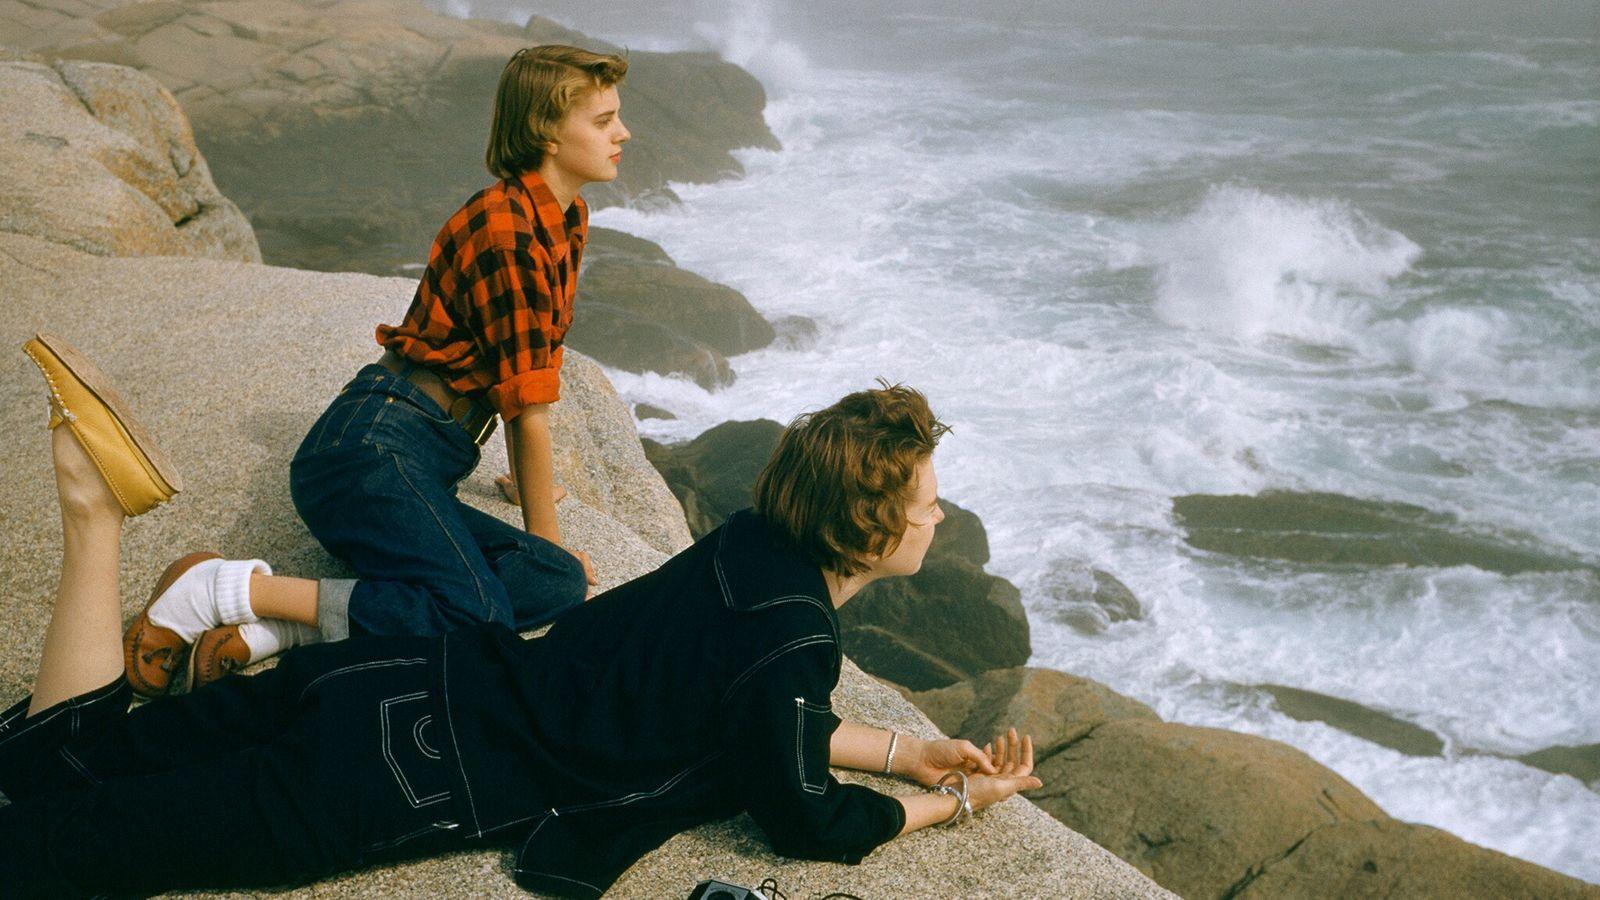 En 1961, le célèbre photographe Volkmar Wentzel immortalisait pour National Geographic ces deux femmes fixant les vagues ...